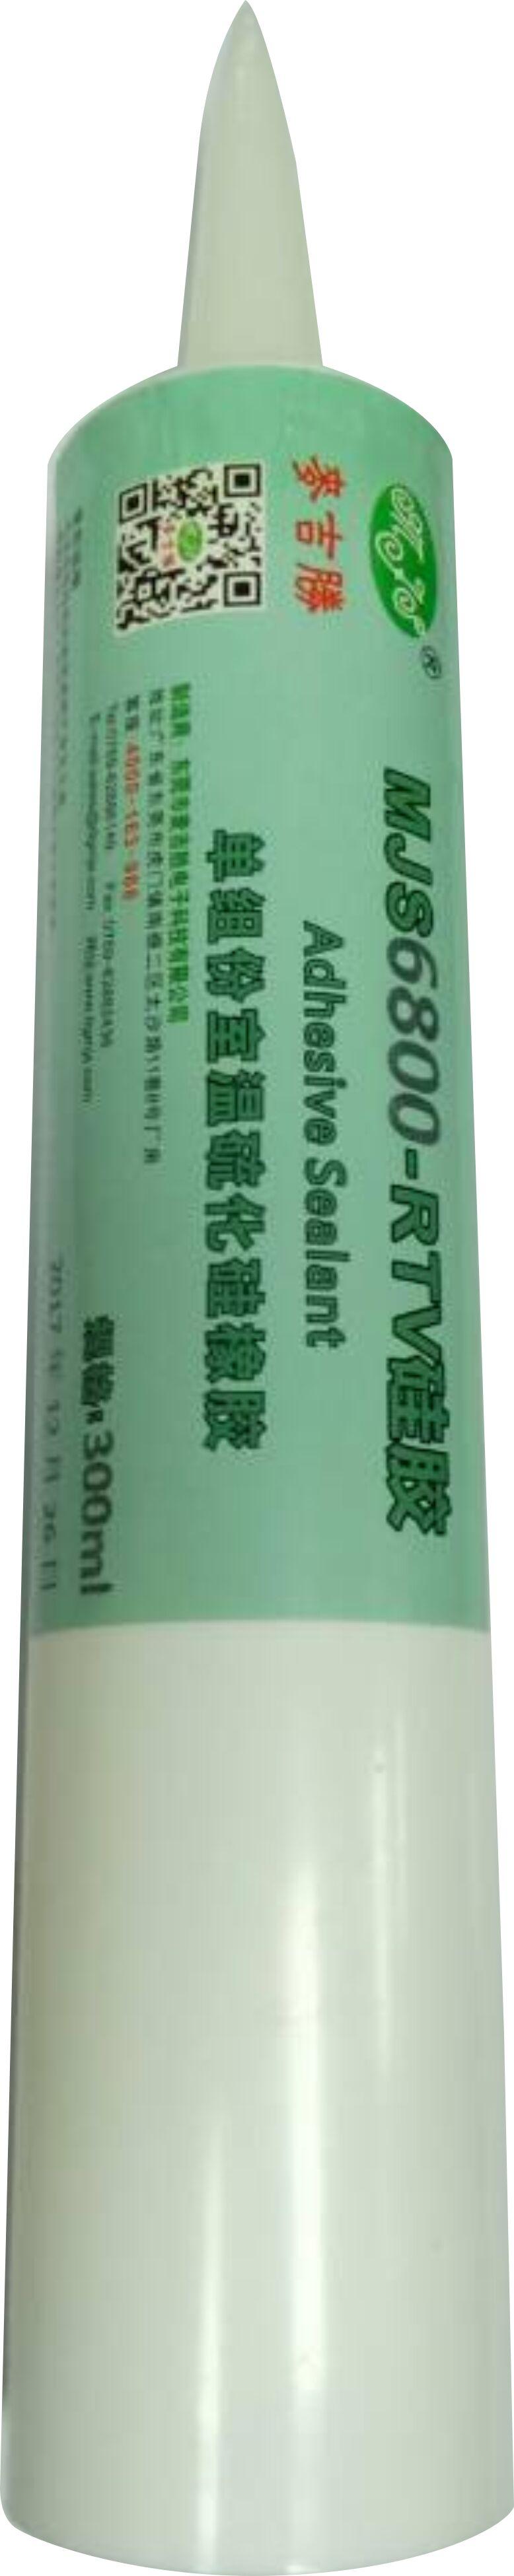 有机硅胶MJS-6800